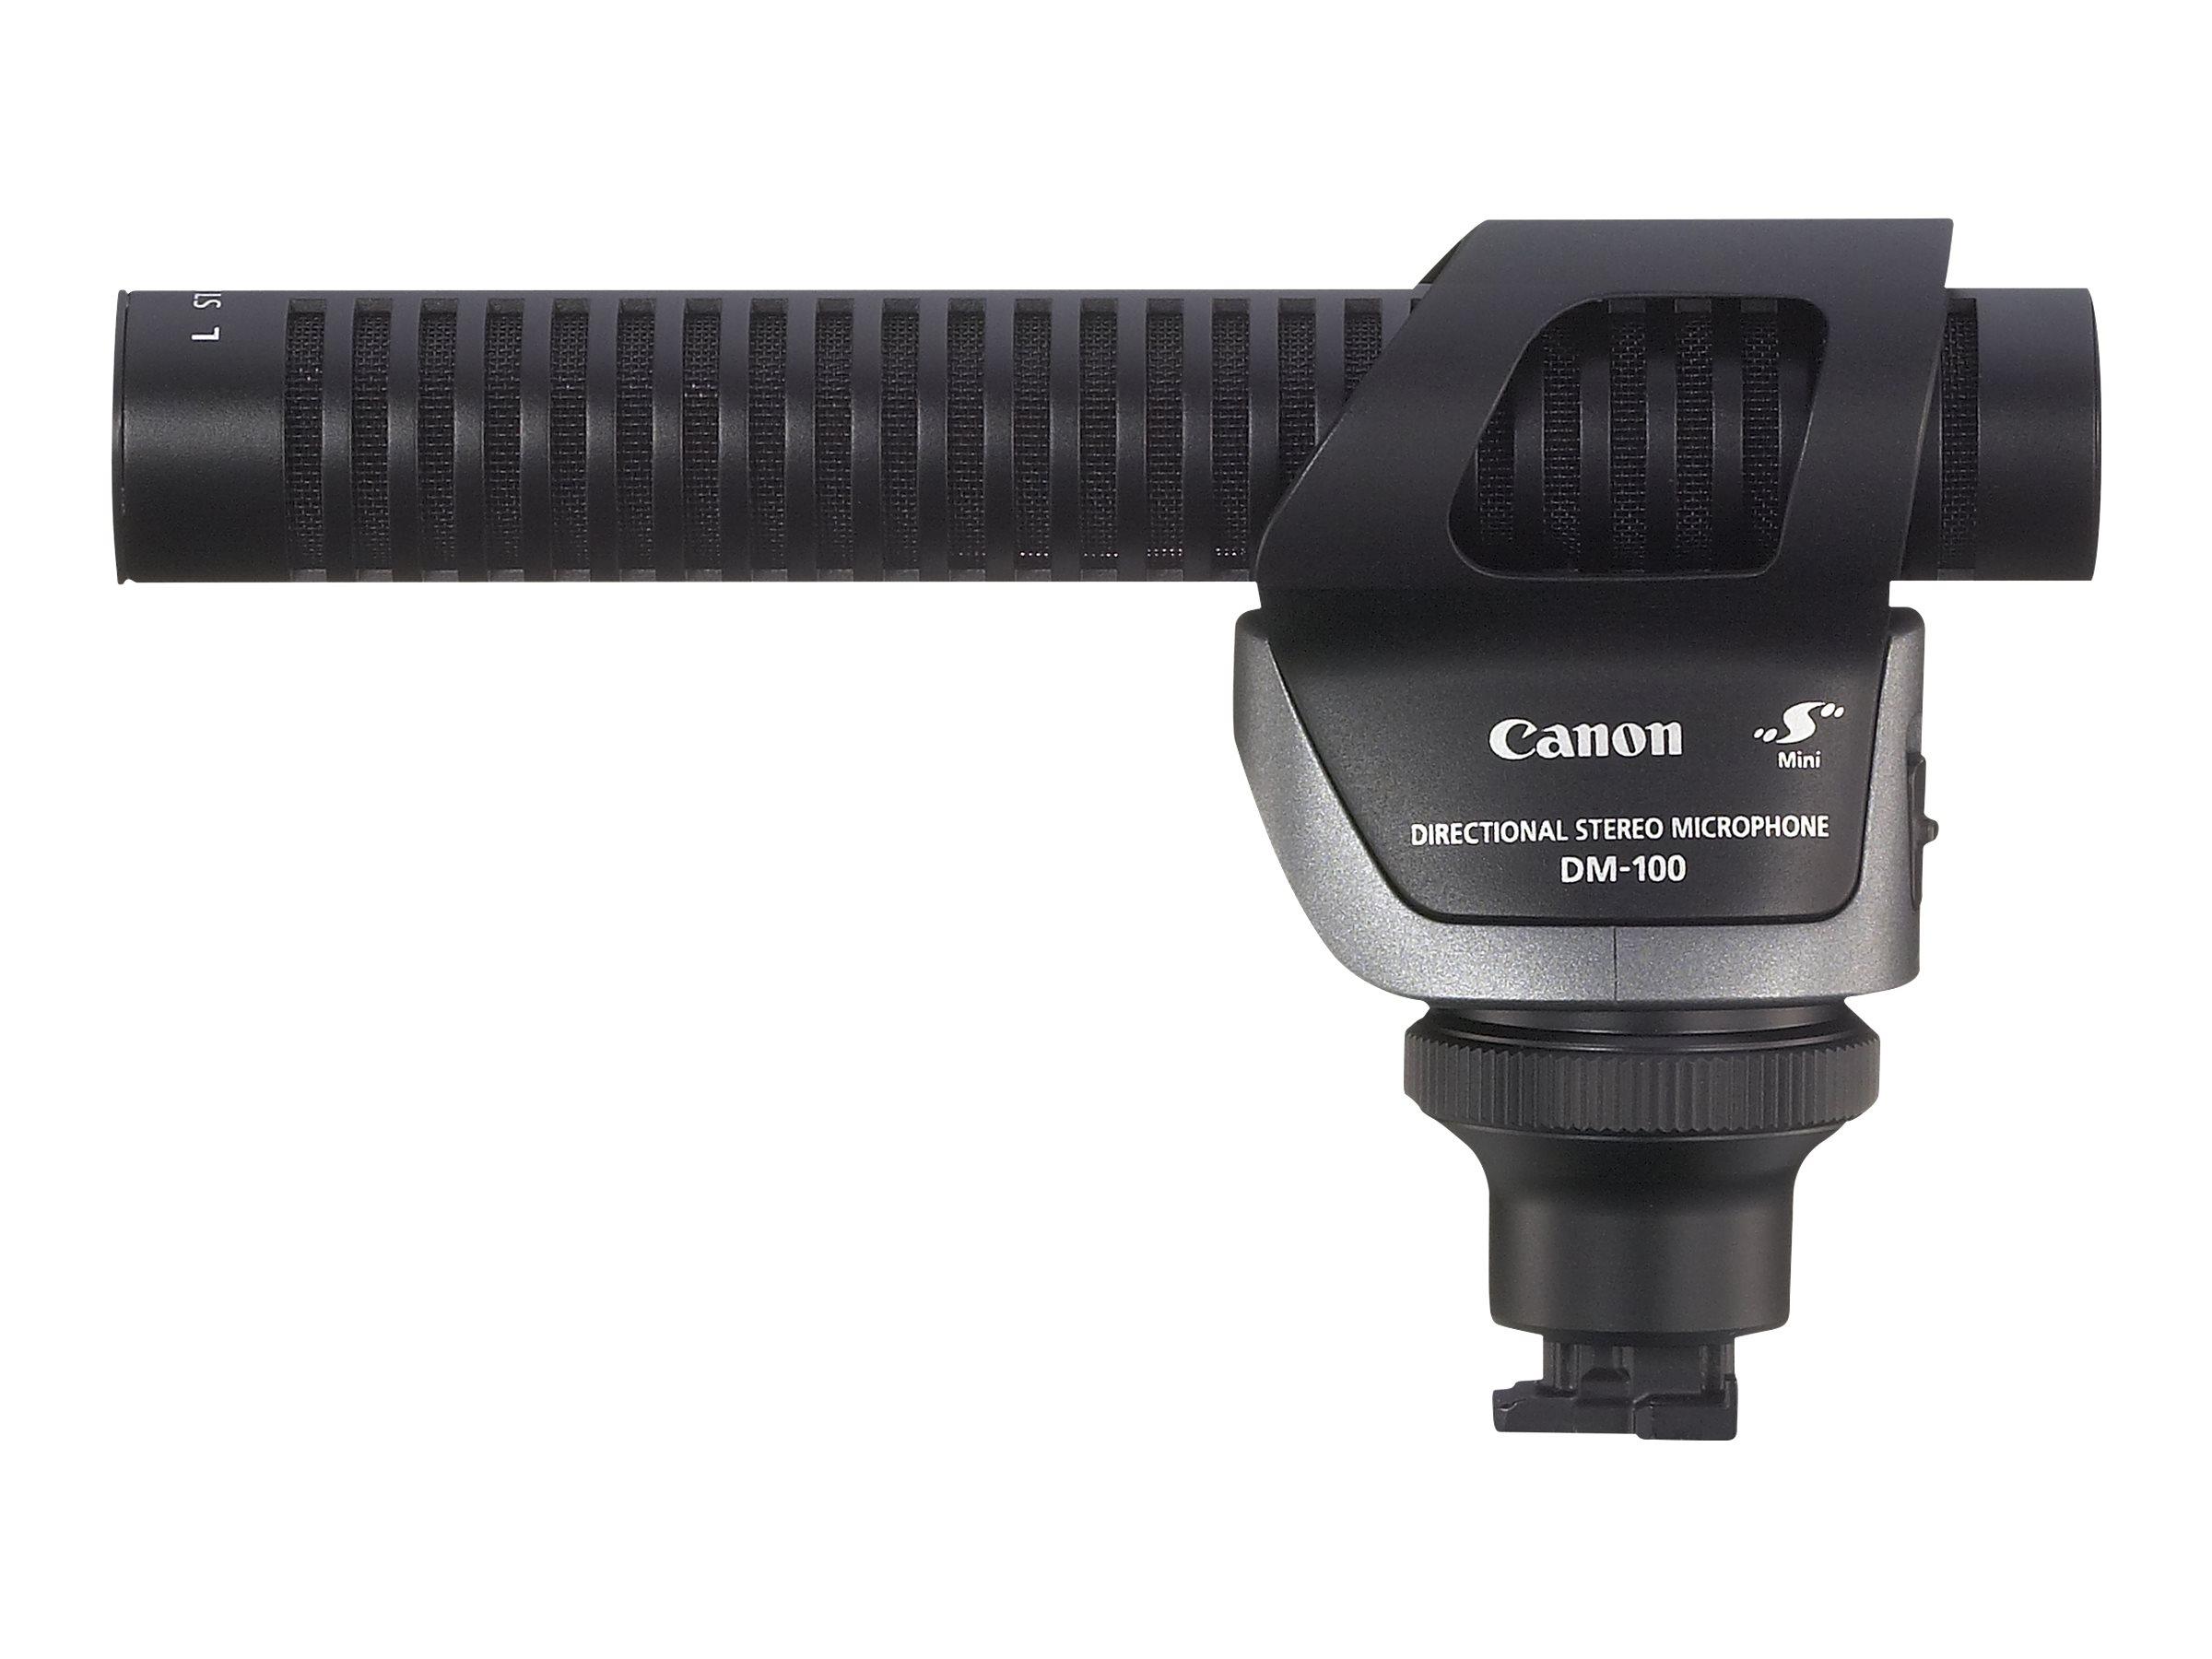 Canon DM-100 - Mikrofon - für iVIS HF G20, HF S10; LEGRIA HF G25, HF G50; VIXIA GX10, HF G21, HF G40, HF G50, HF G60